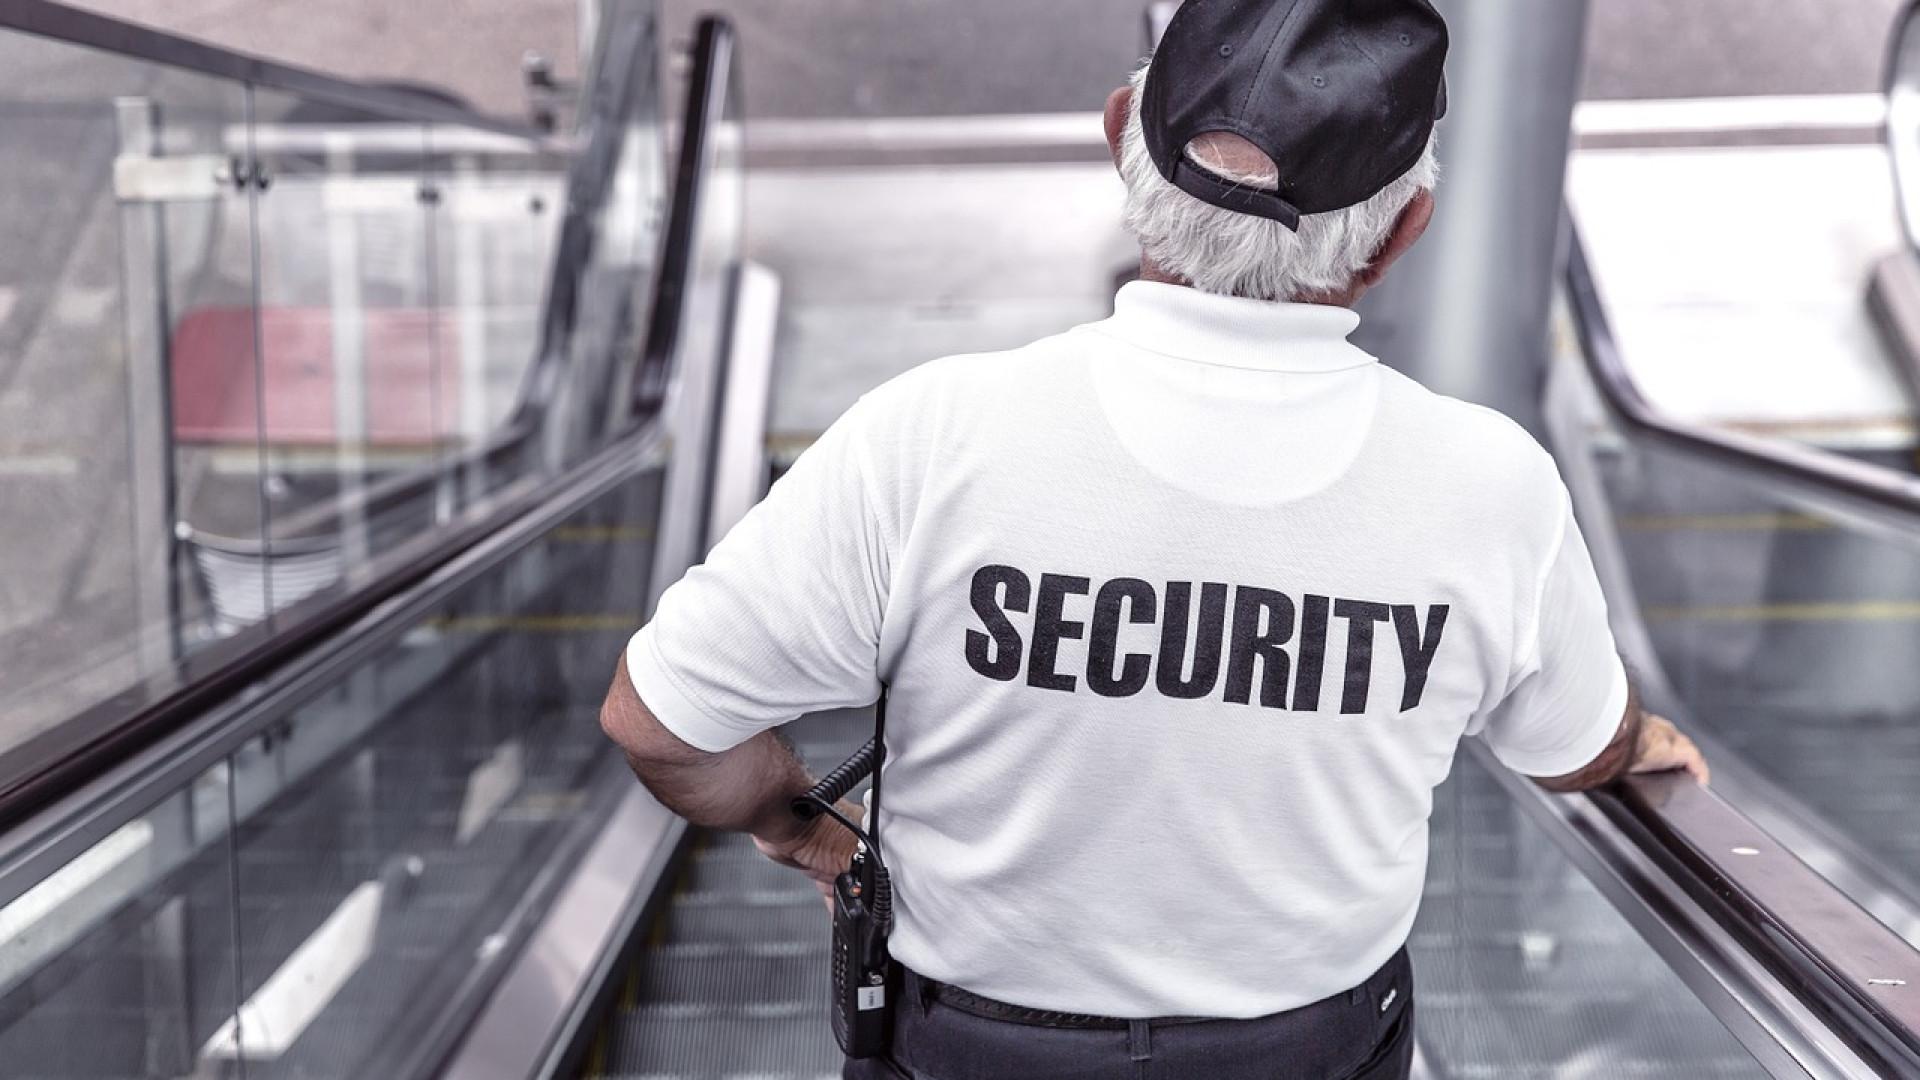 Comment choisir son entreprise de sécurité ?